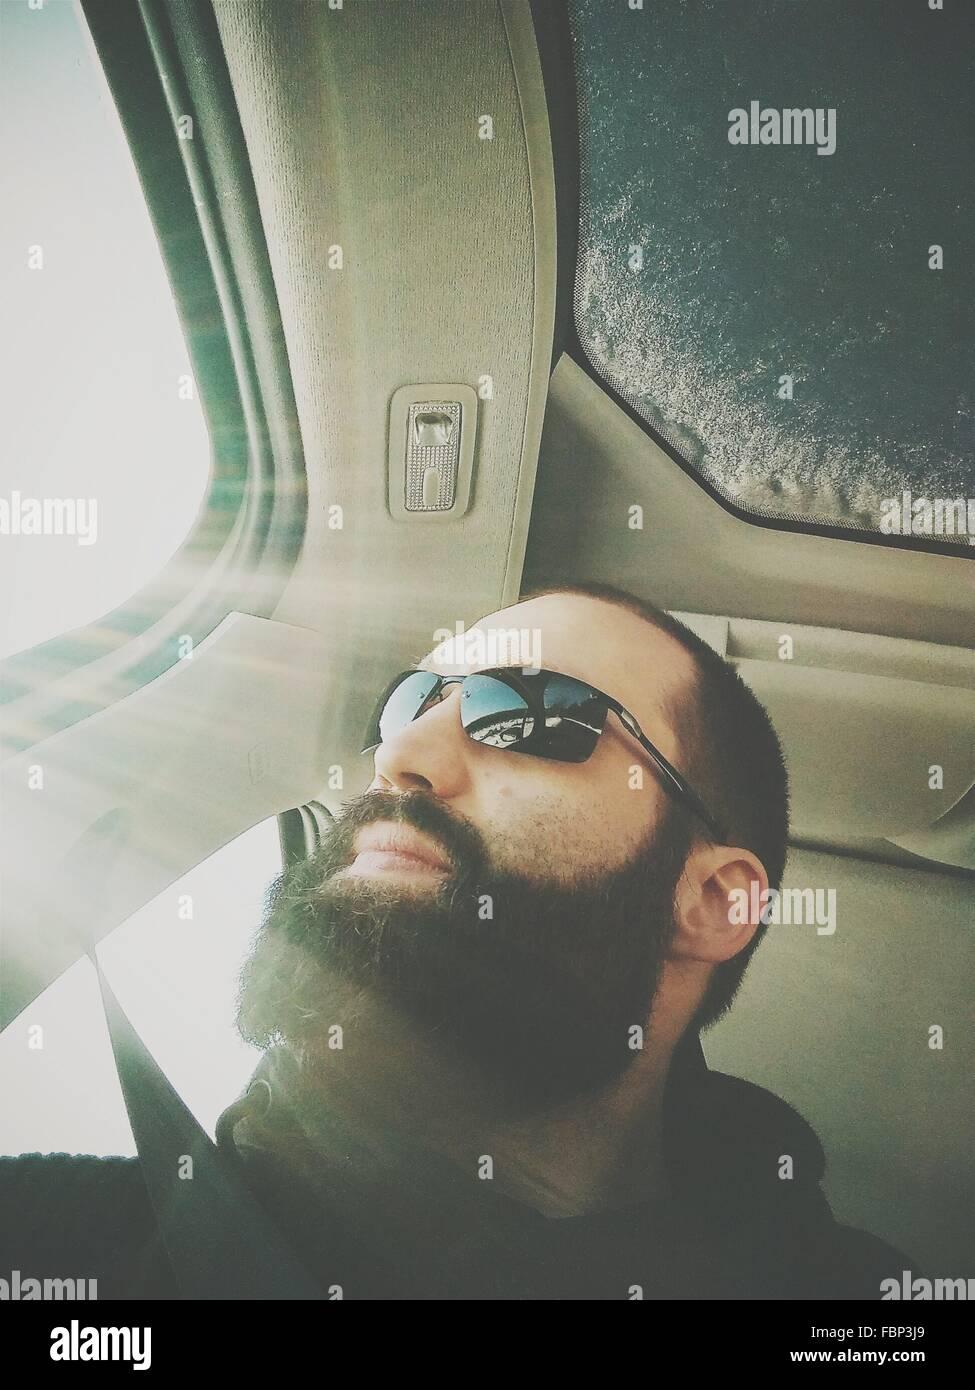 Ángulo de visión baja de joven con gafas de sol mientras está sentado en el coche Imagen De Stock